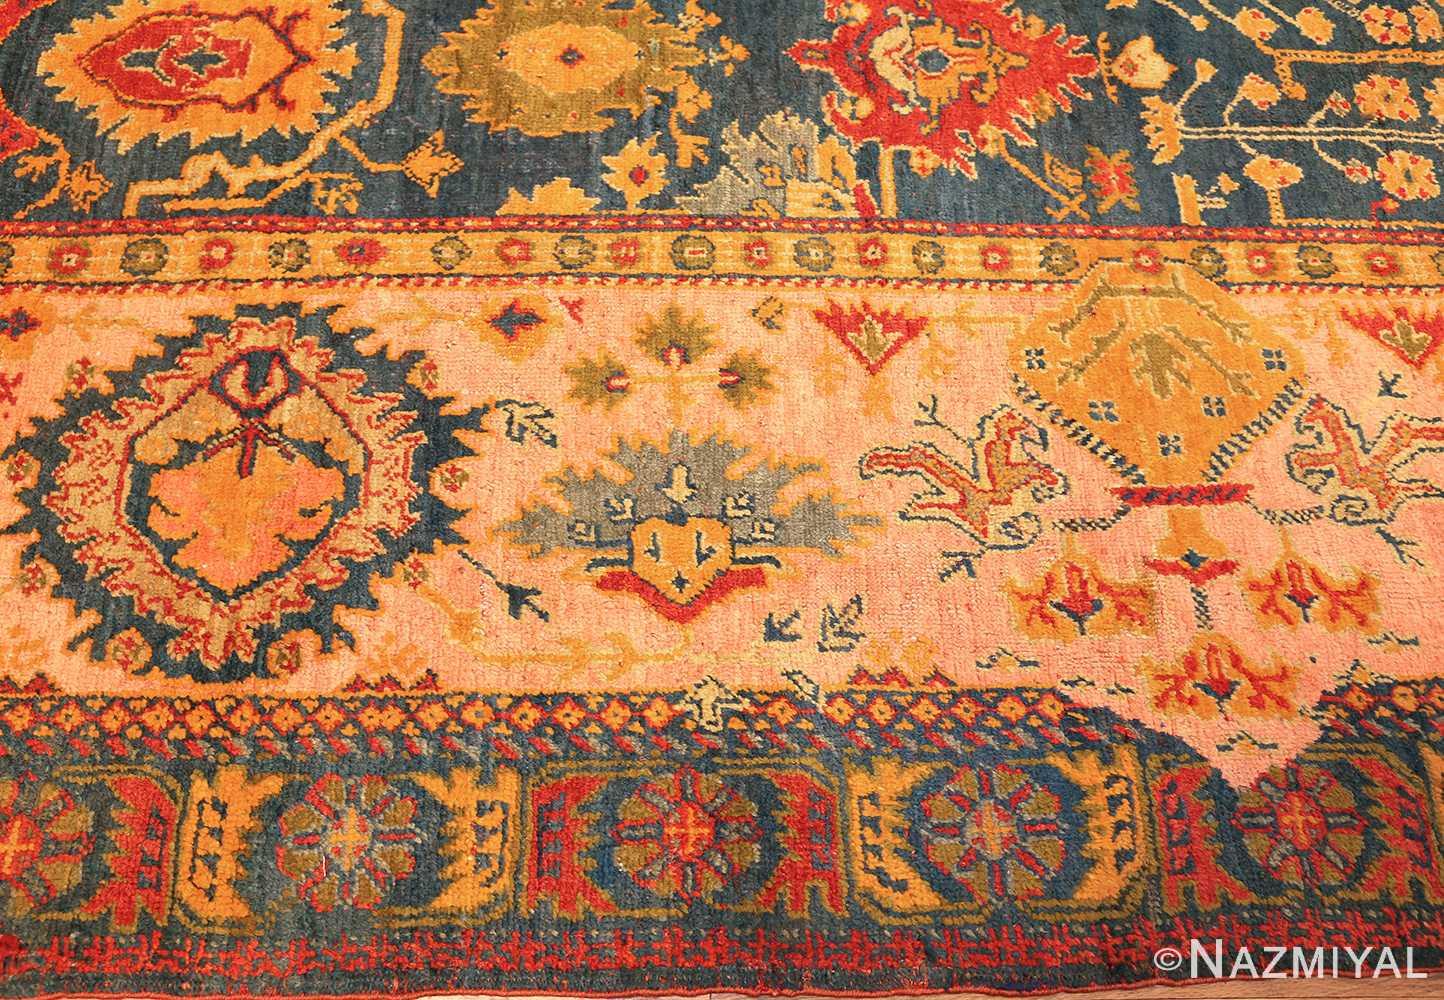 antique blue background turkish oushak rug 49108 border edited Namiyal